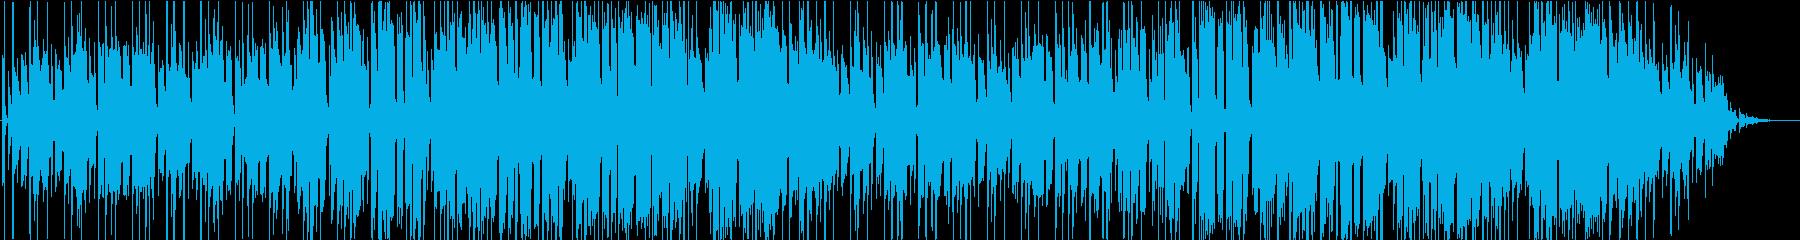 ほのぼのしたポップなレゲエの再生済みの波形